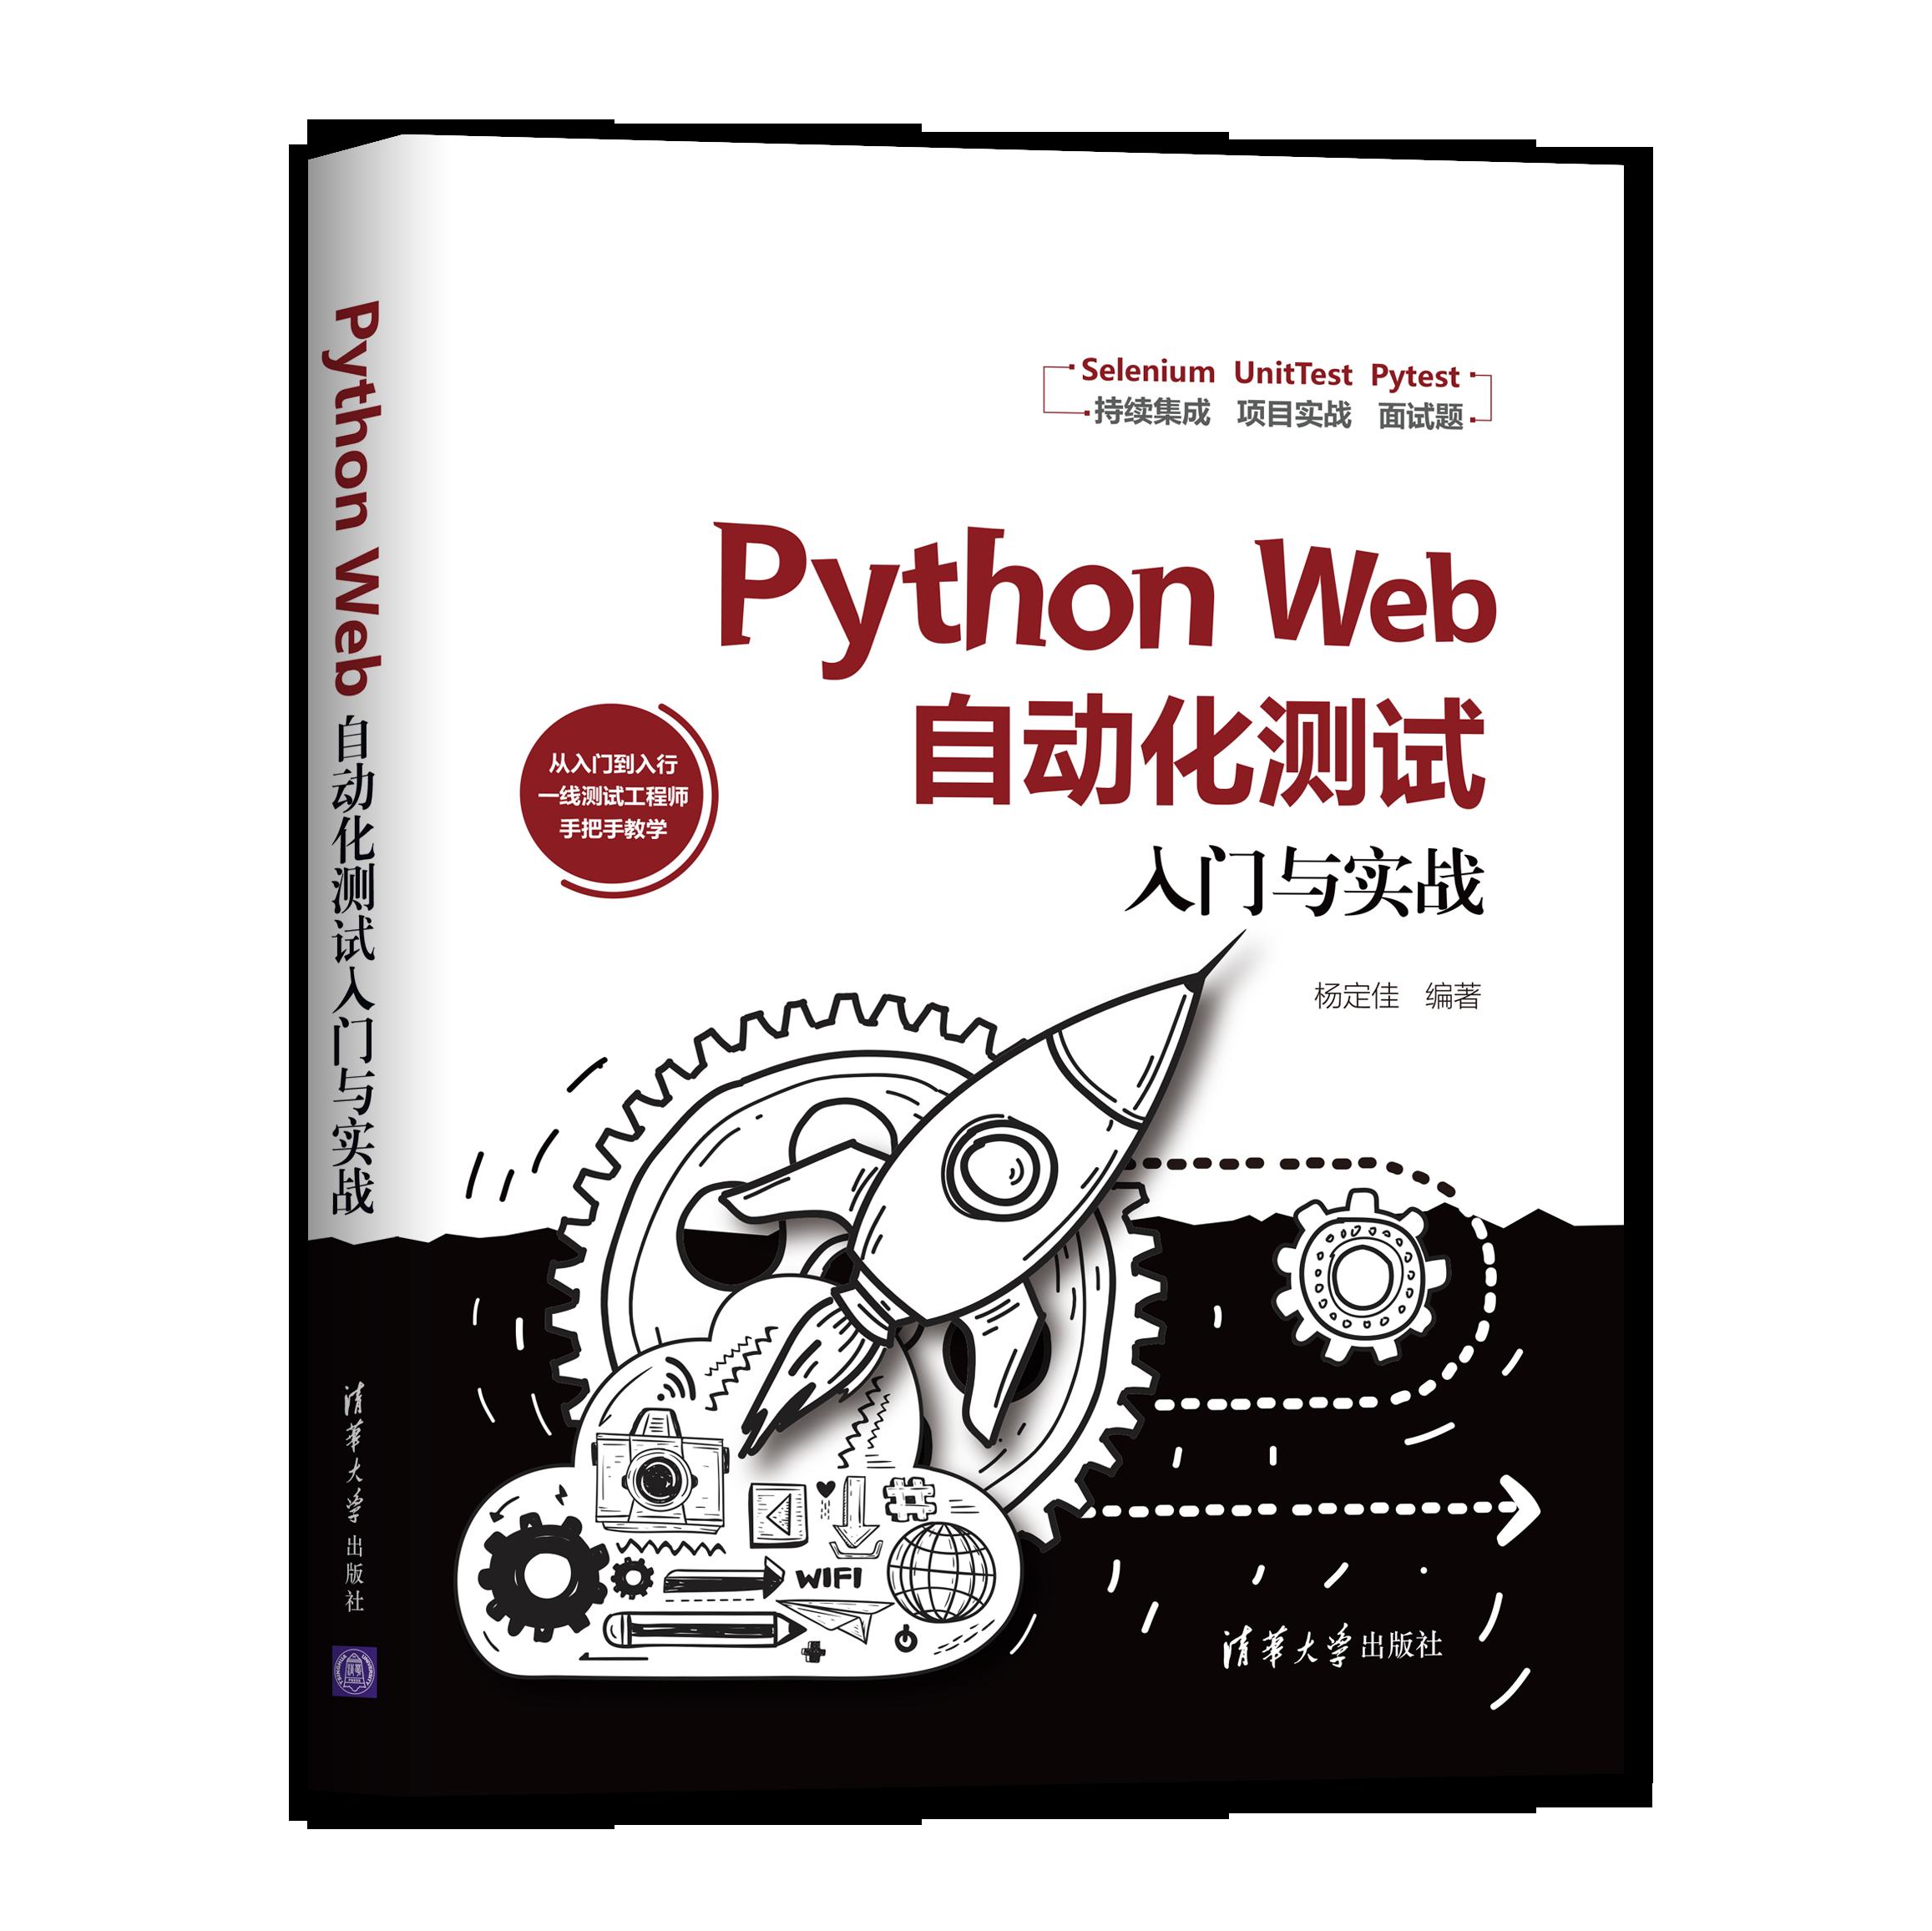 Python Web自动化测试入门与实战